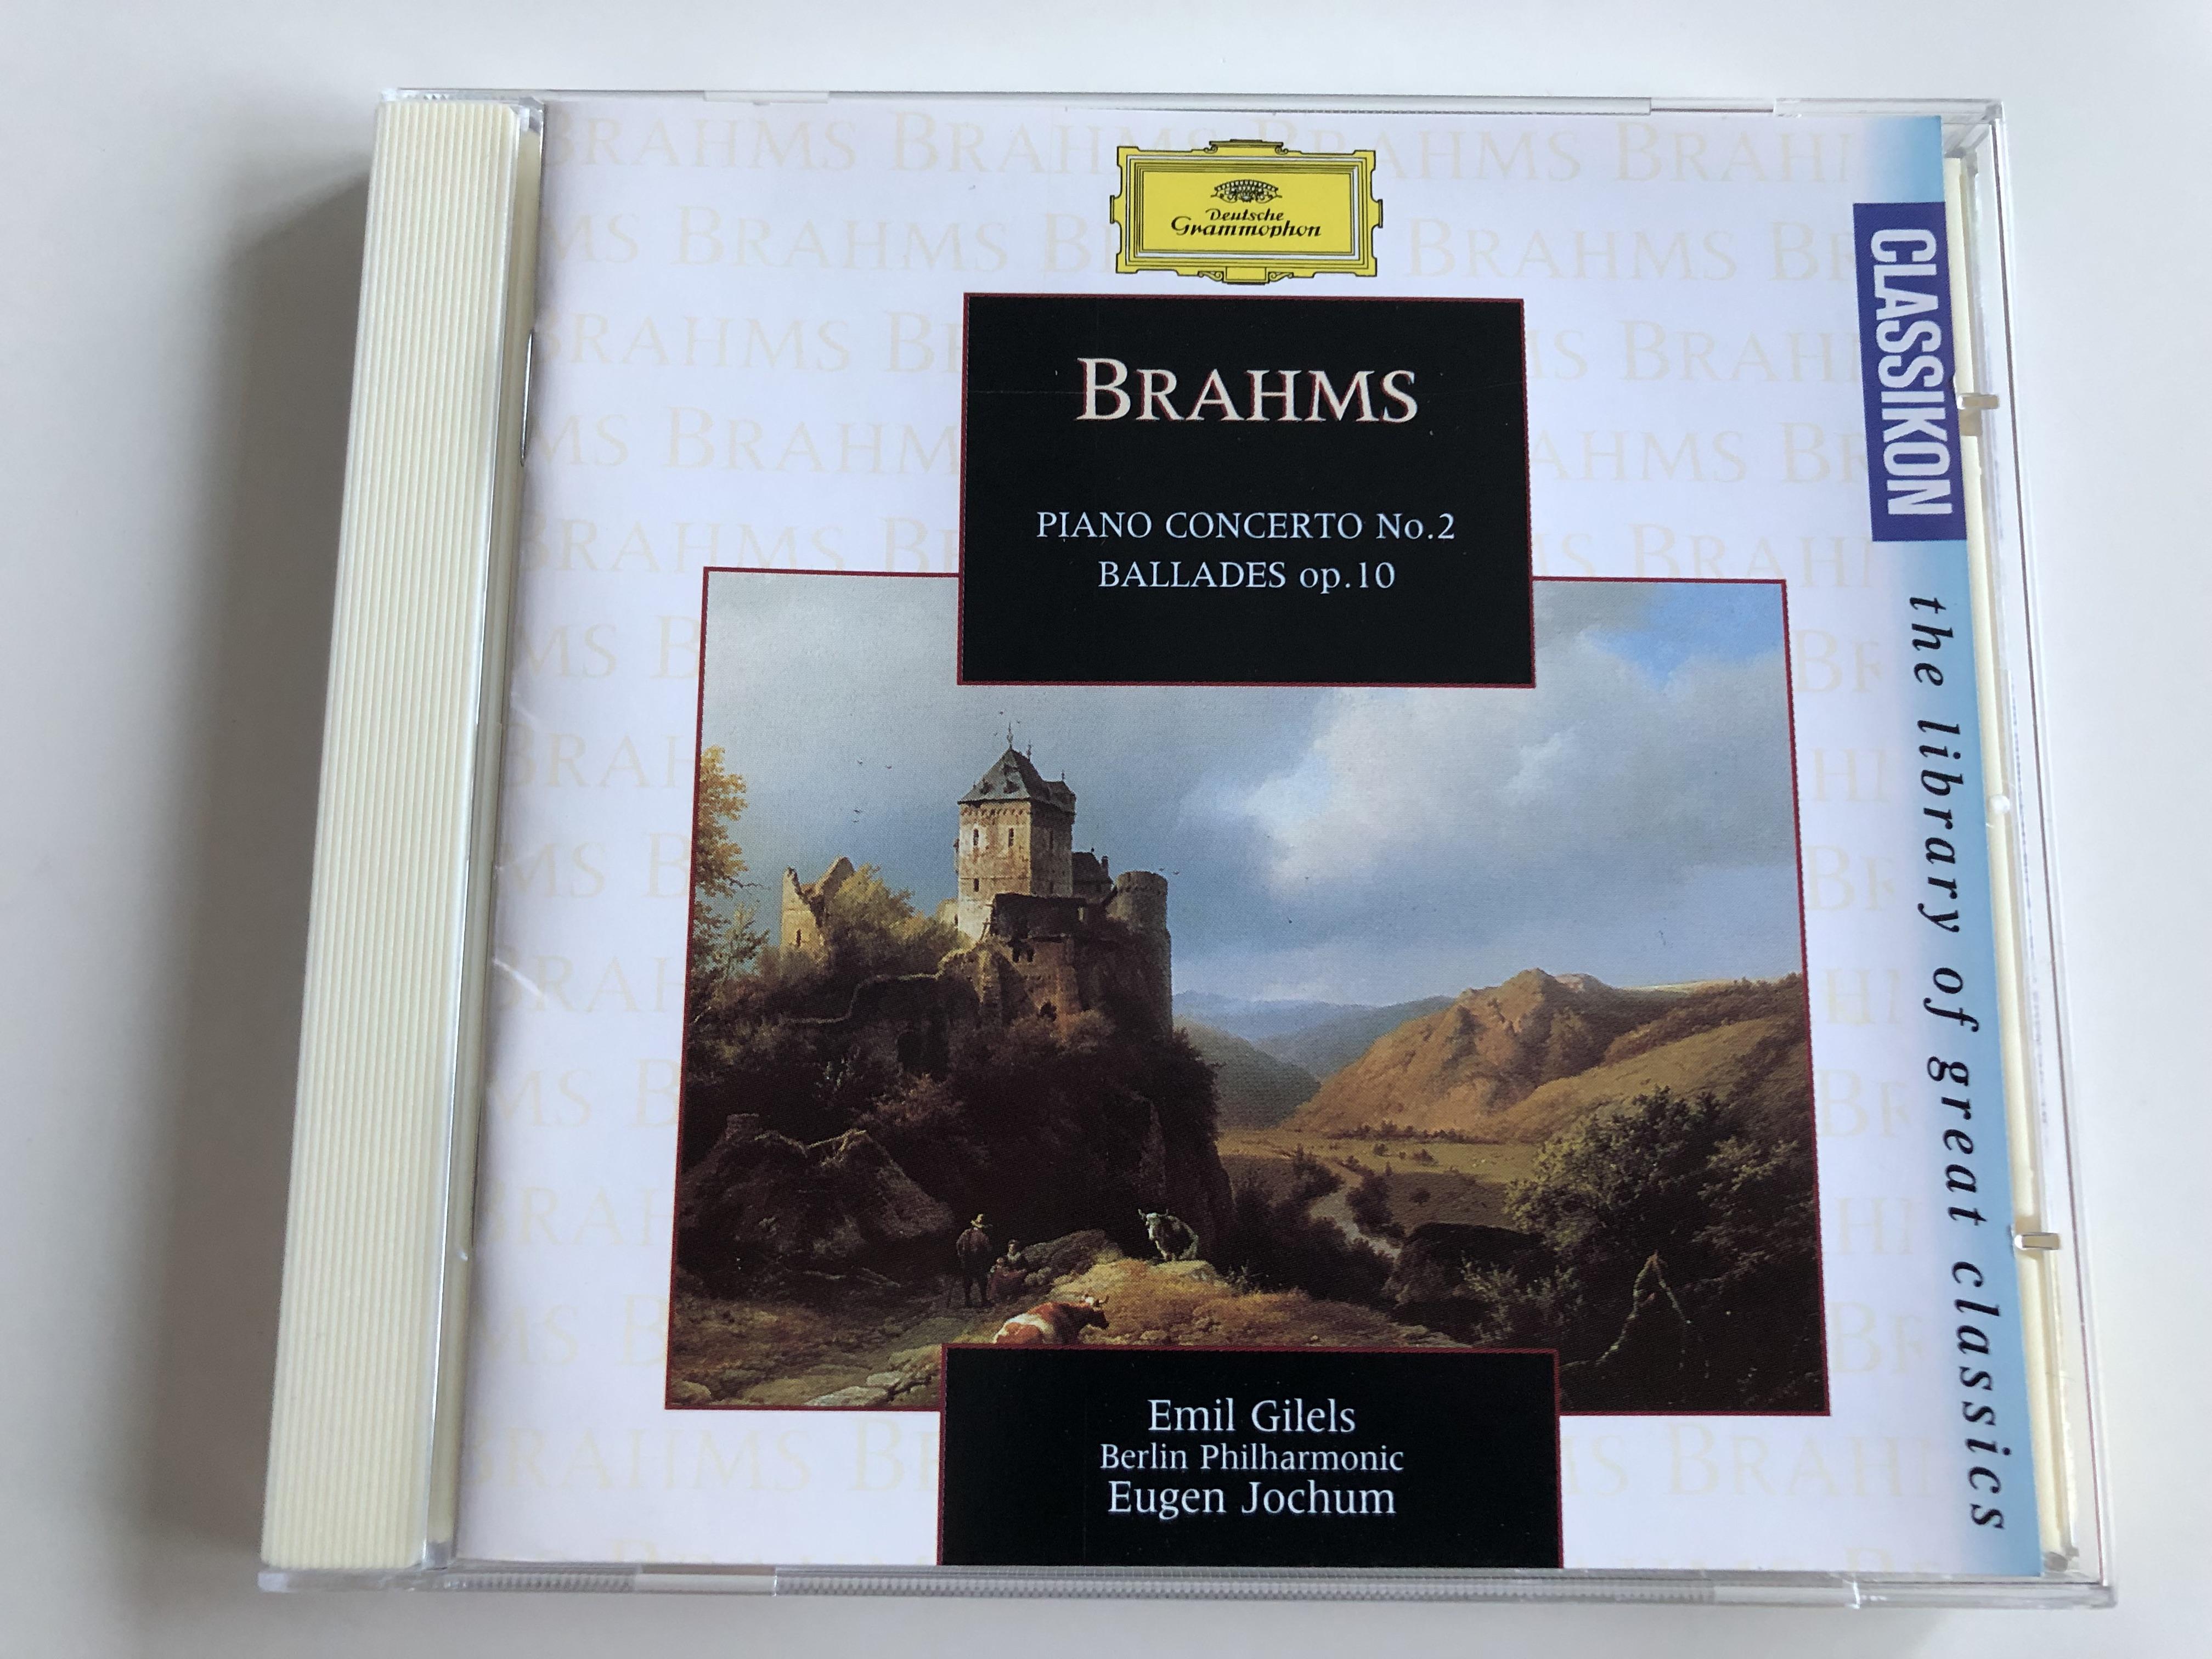 brahms-piano-concerto-no.2-ballades-op.10-emil-gilels-berliner-philharmoniker-eugen-jochum-deutsche-grammophon-audio-cd-stereo-439-466-2-1-.jpg